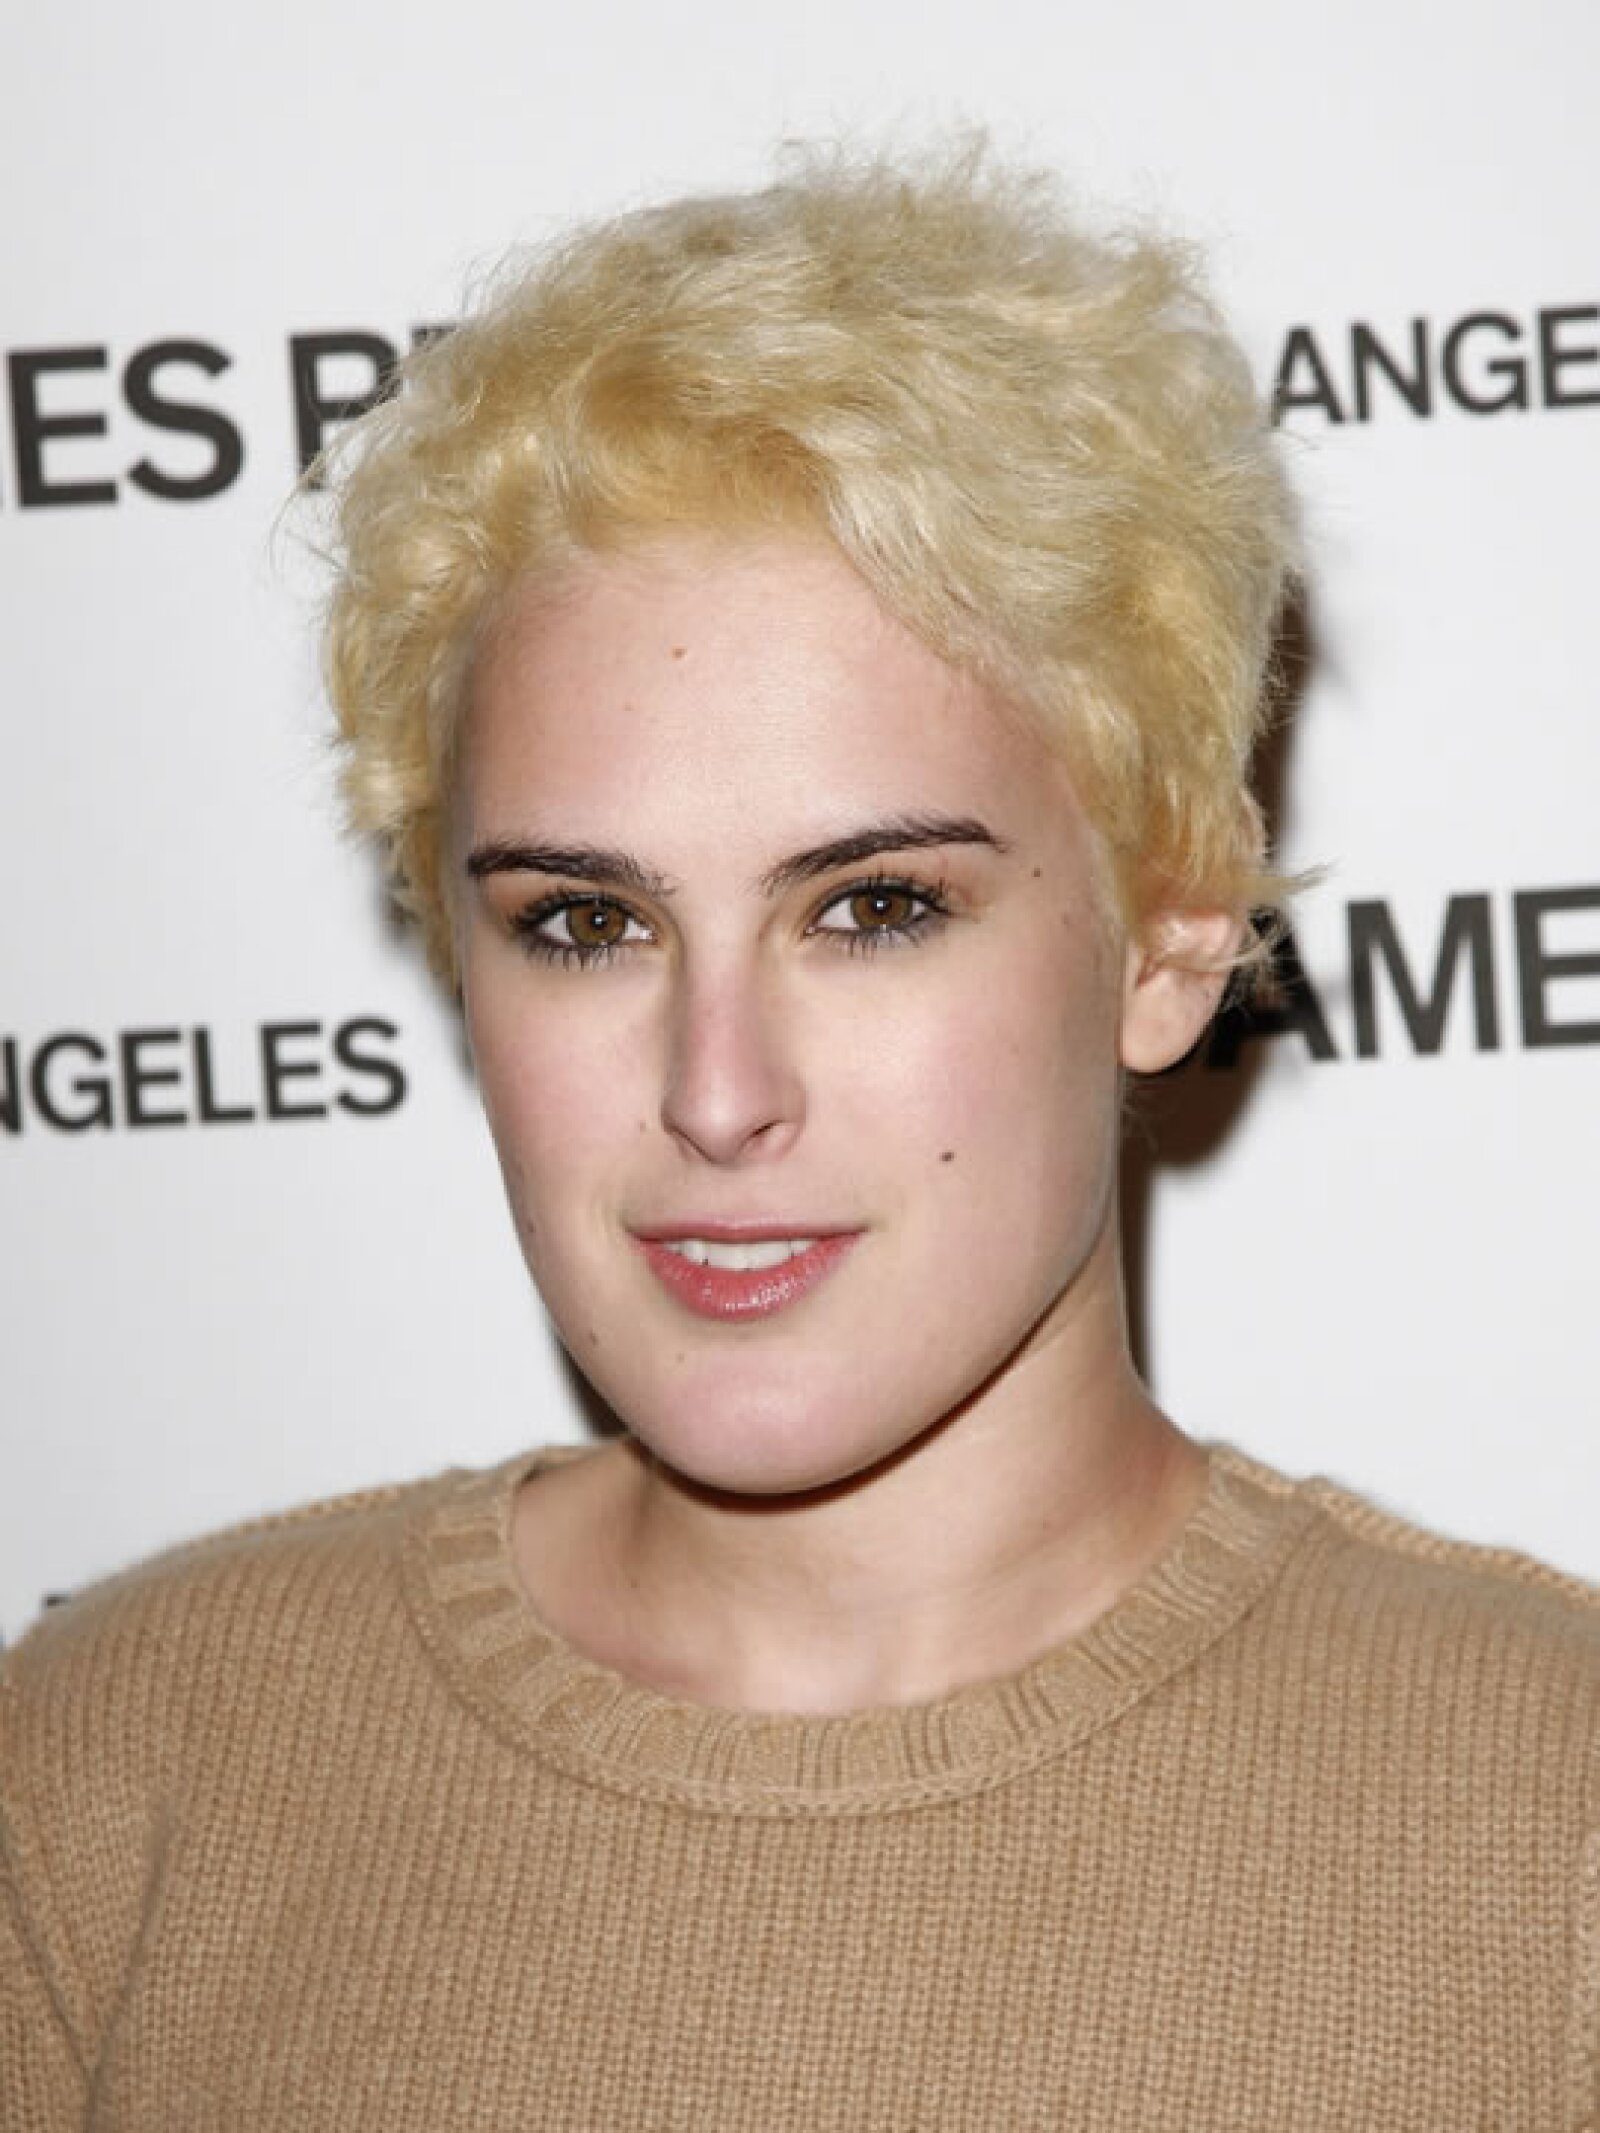 Rumer Willis- Lamentablemente la actriz no posee la misma belleza de su madre, quién en alguna ocasión quedó casi pelona y no se acercaba ni tantito a este desastroso look.